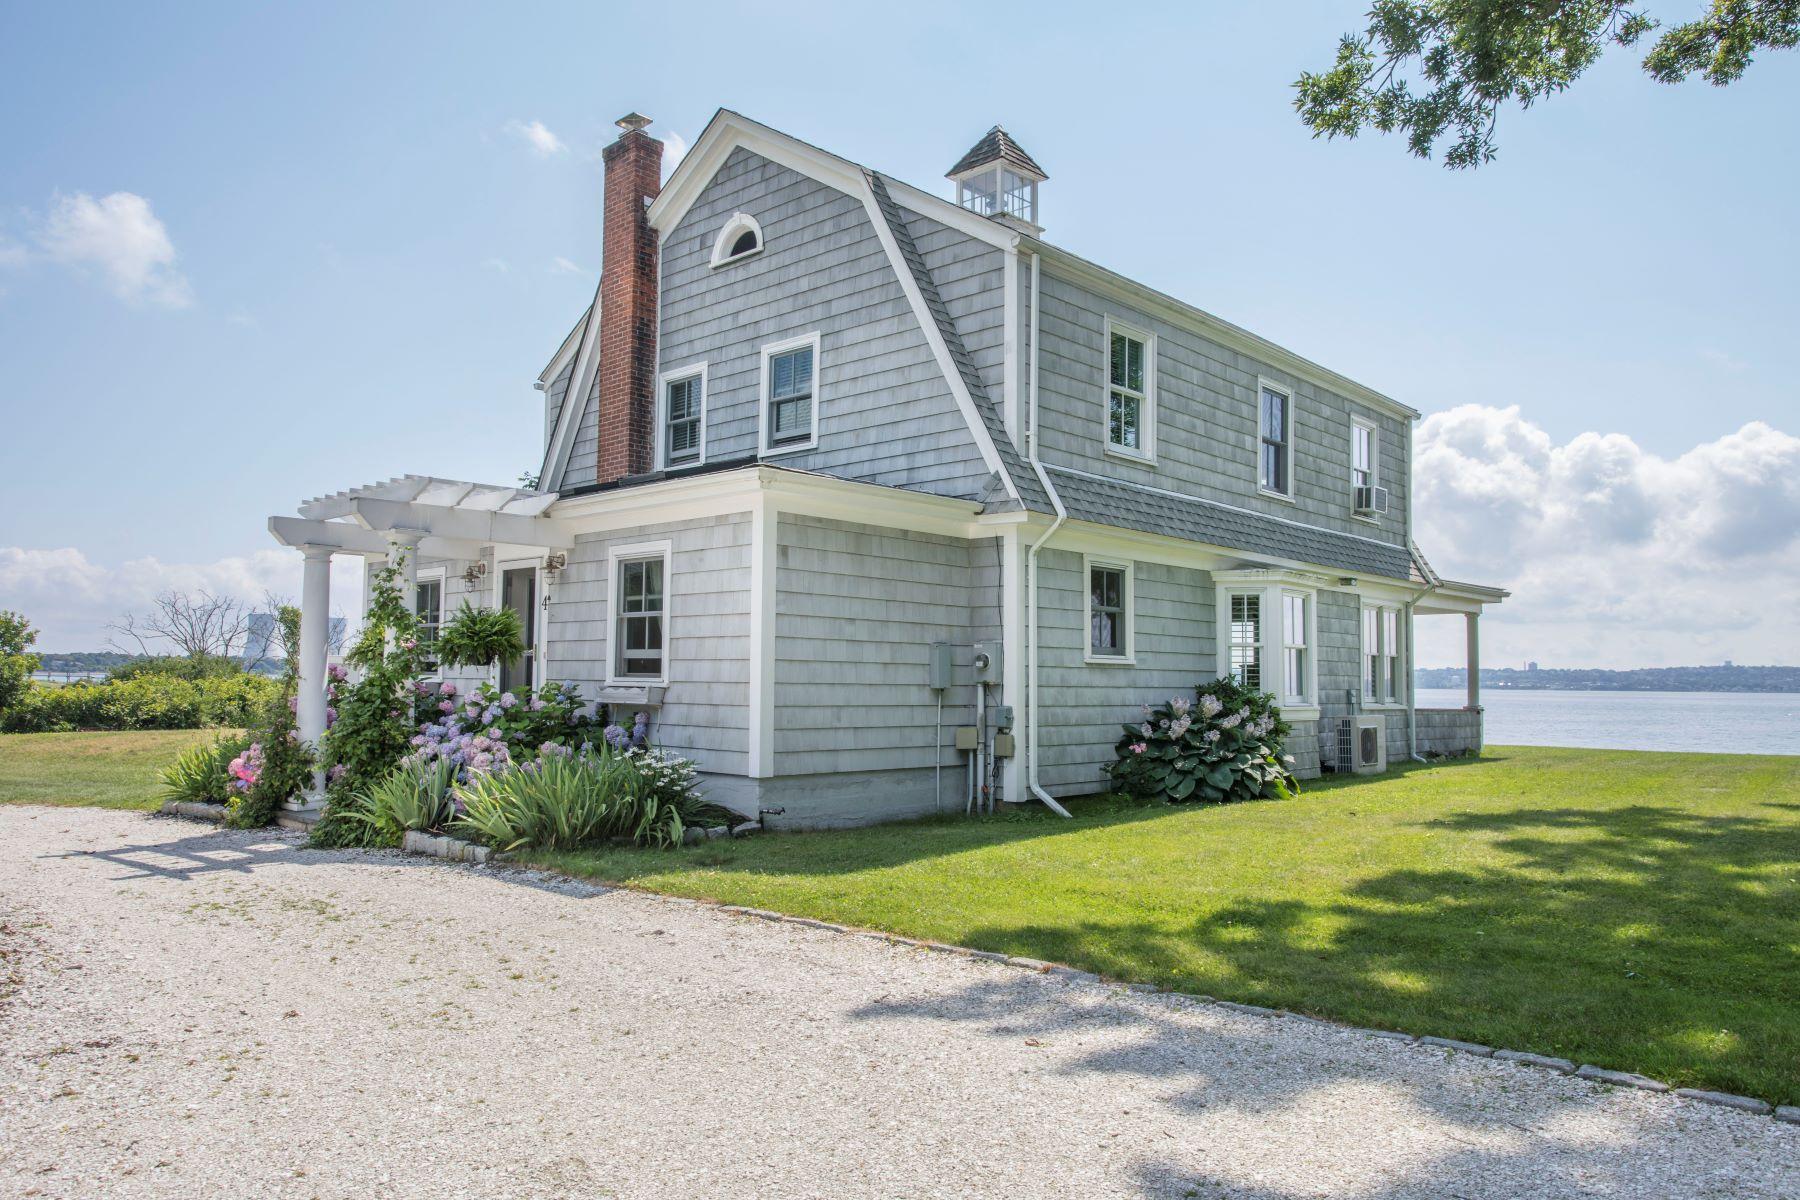 独户住宅 为 销售 在 Touisset Seaside Cottage 4 Calder Drive 沃伦, 罗得岛 02885 美国